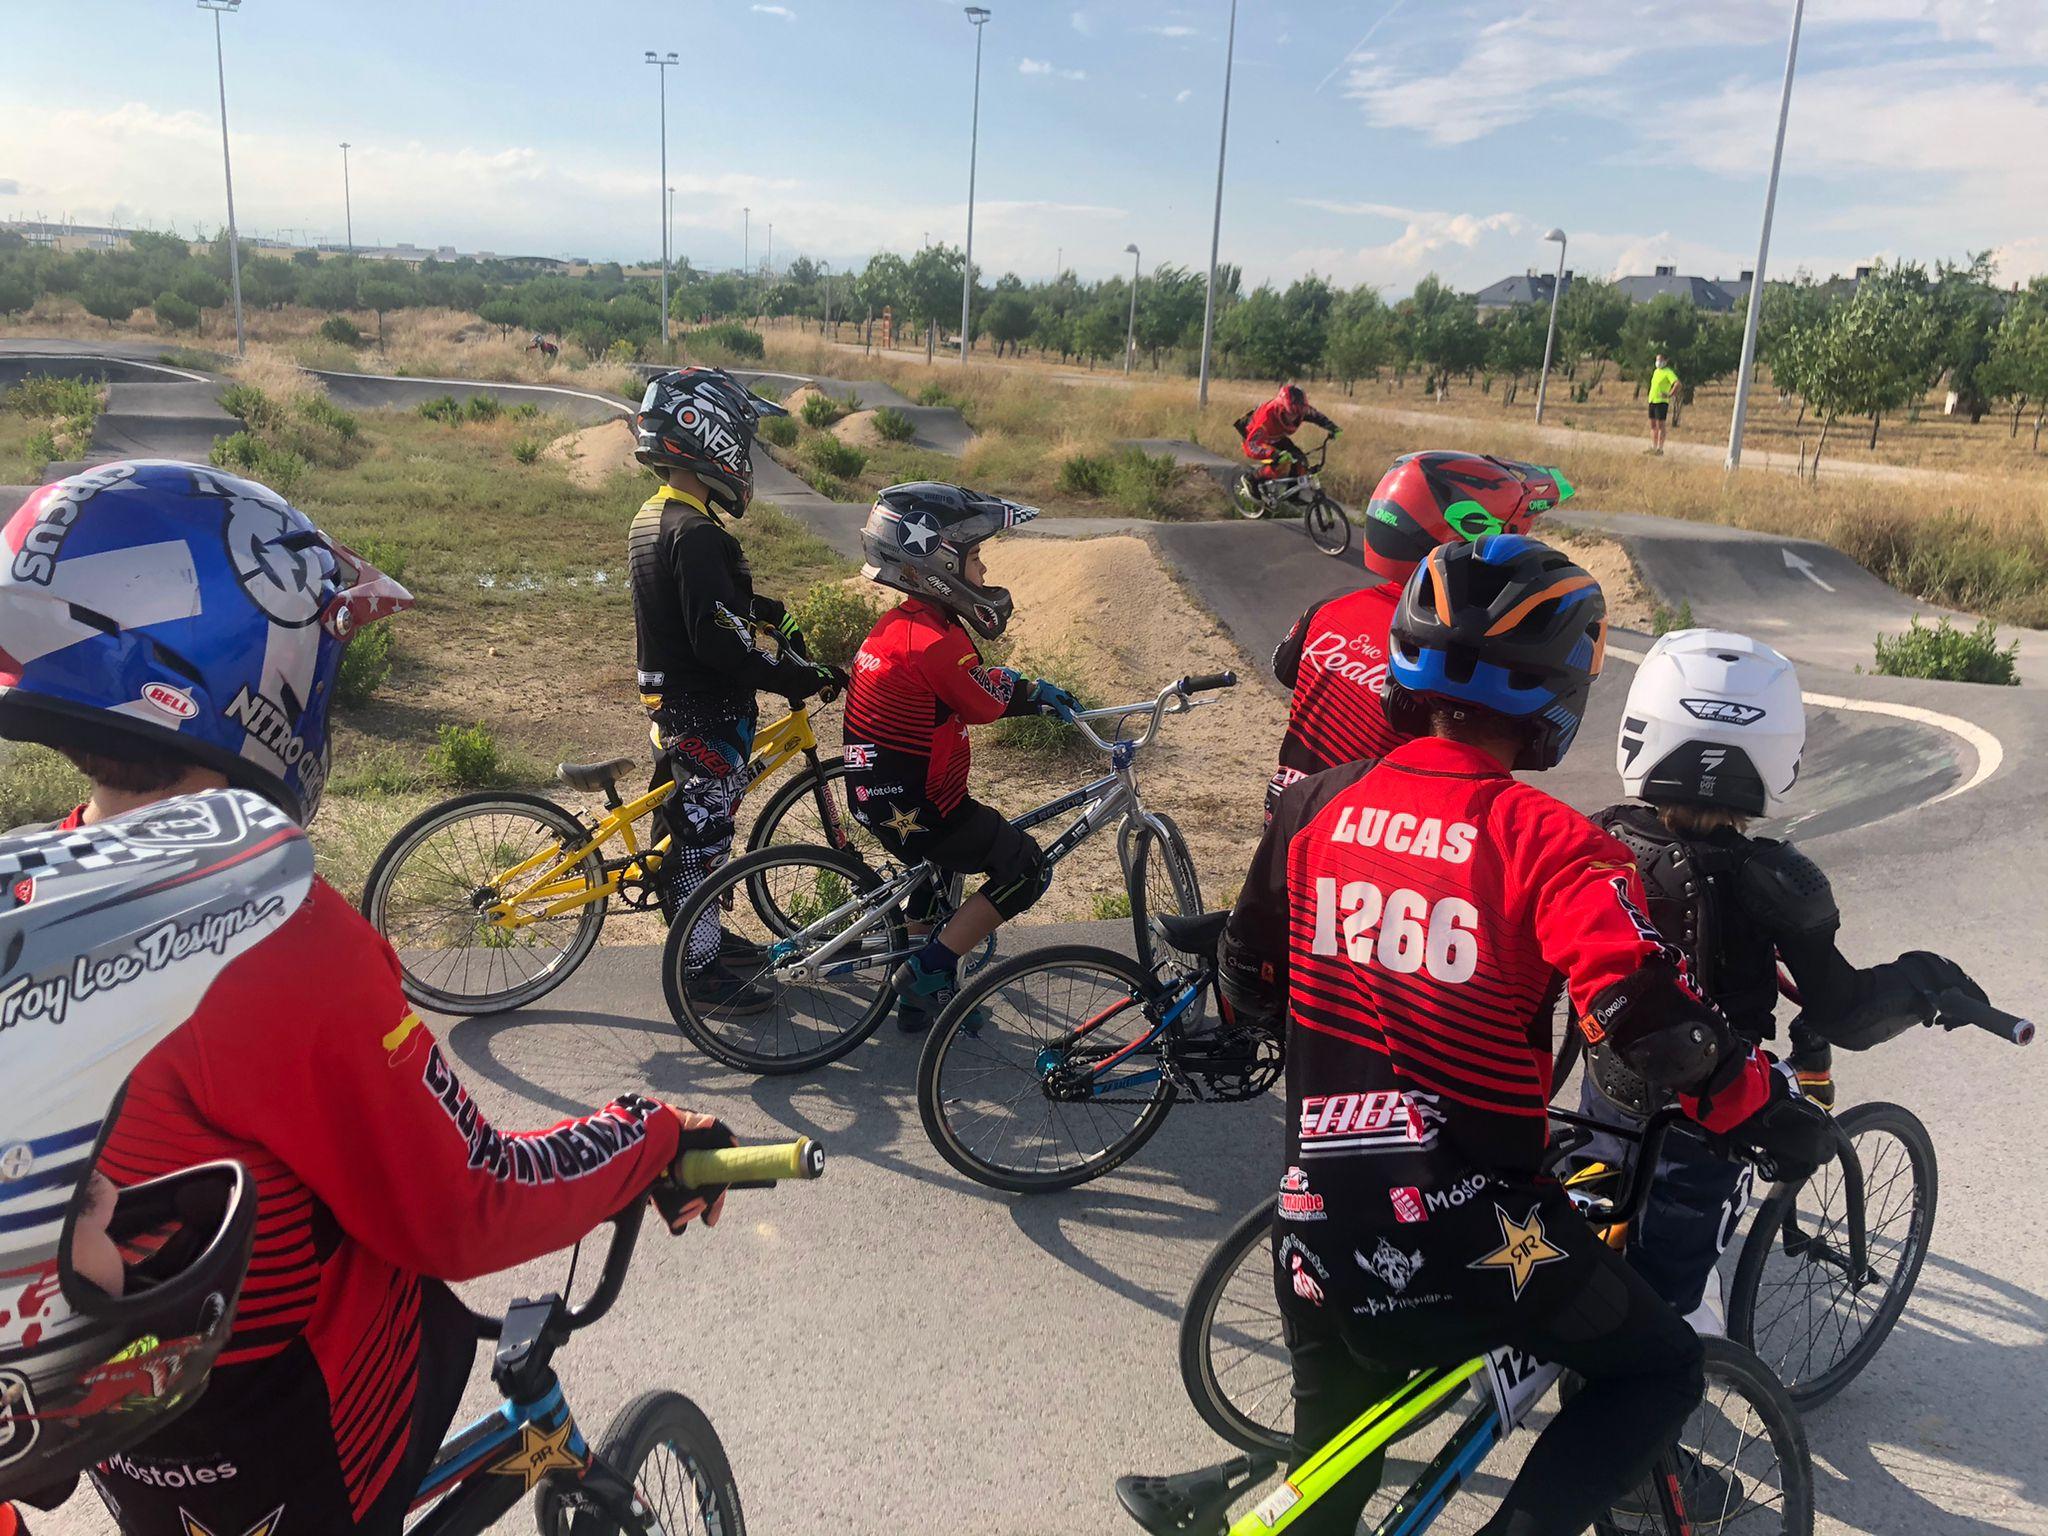 Tercera sesión de tecnificación organizada por la Comisión de BMX en Barajas